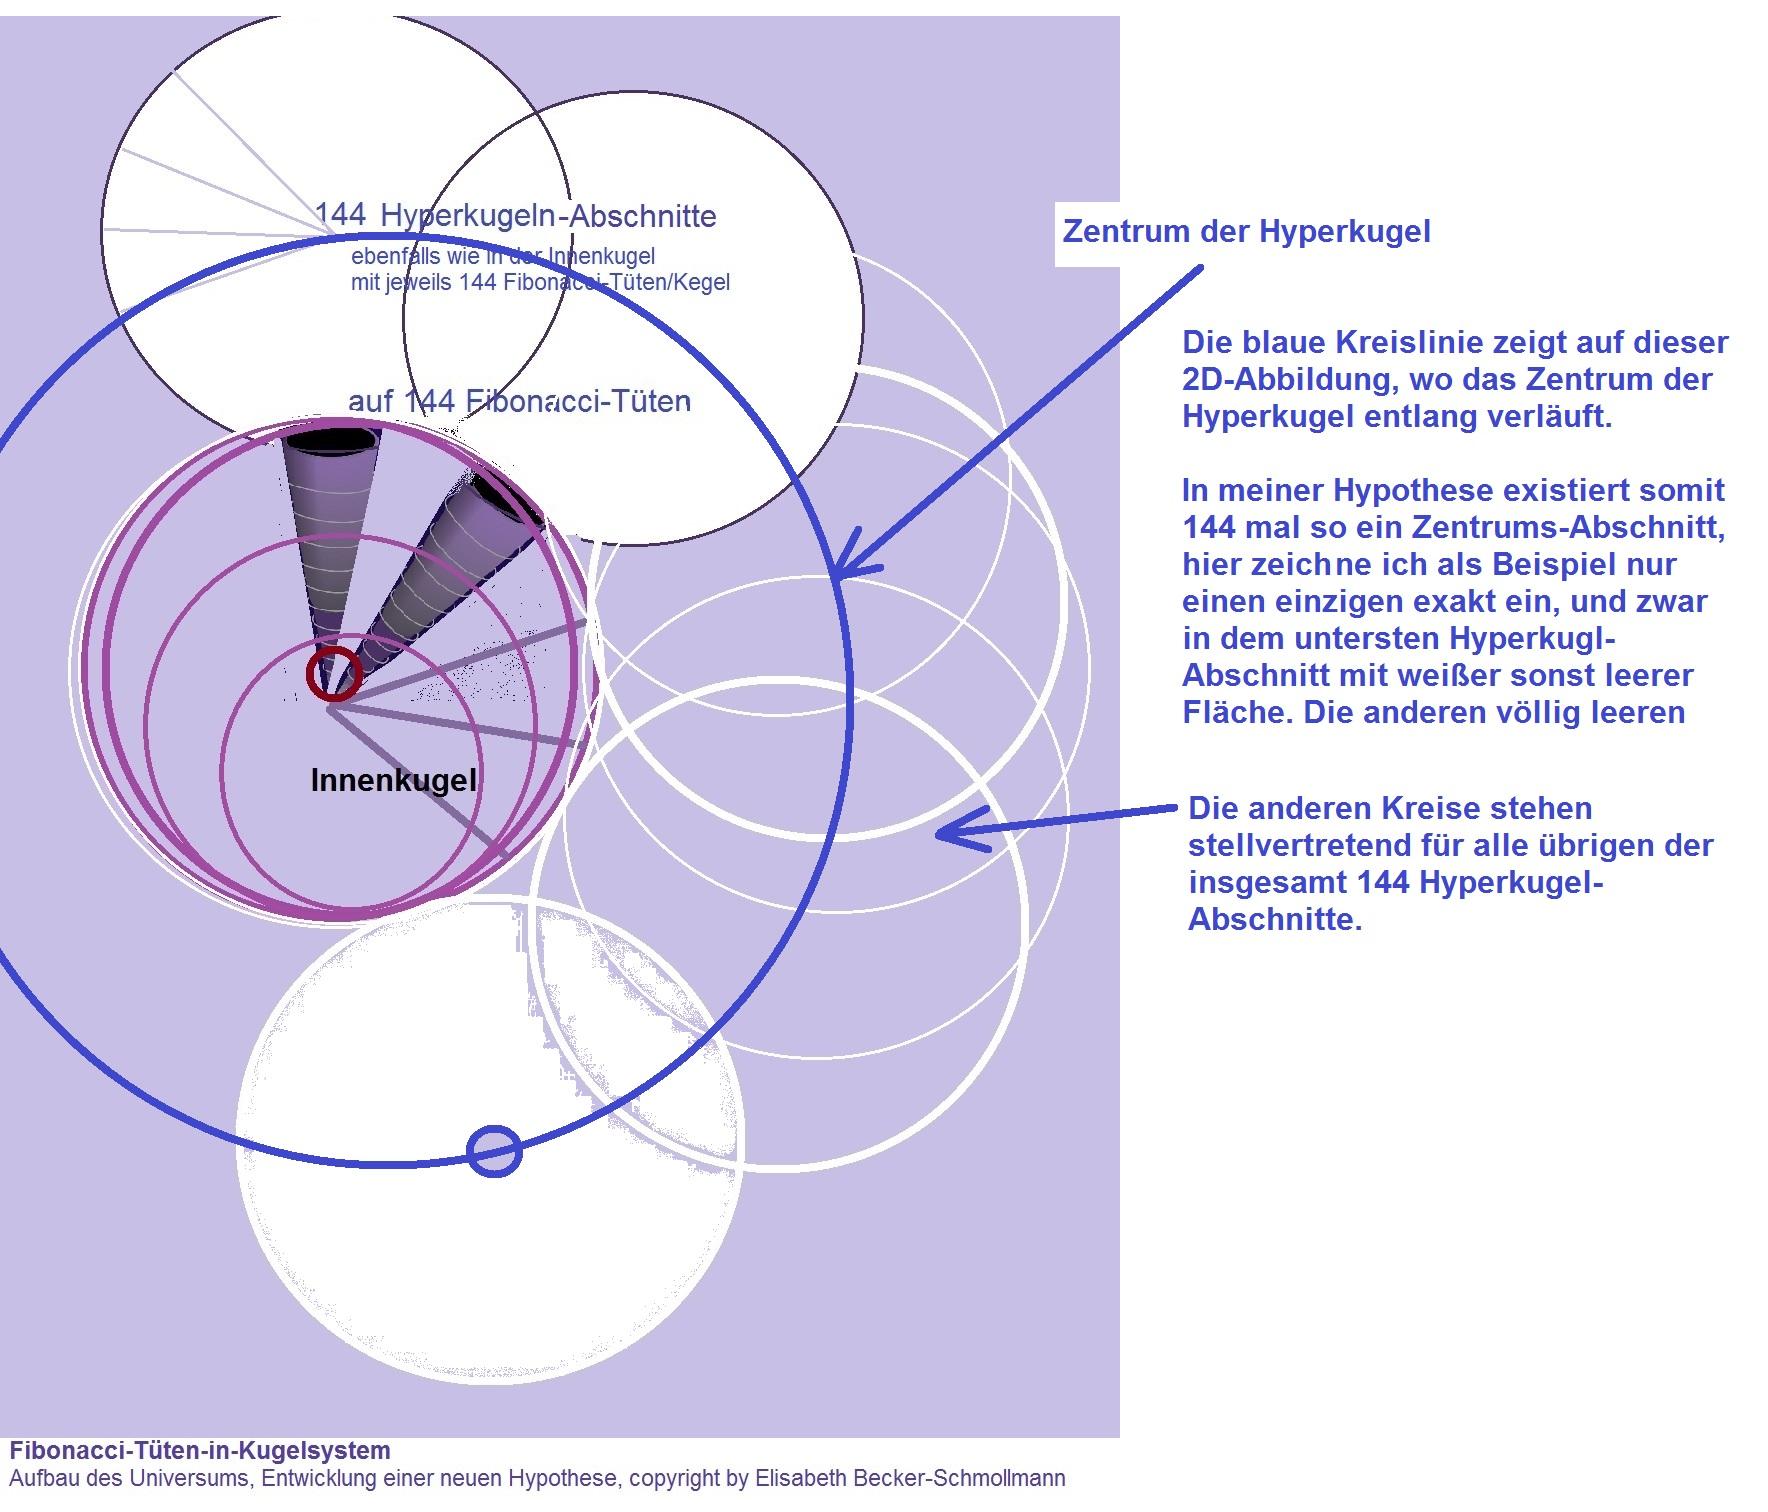 Aufbau des Universums gemäß einer Hypothese von Elisabeth Becker-Schmollmann, Hyperkugel-Monopol-System